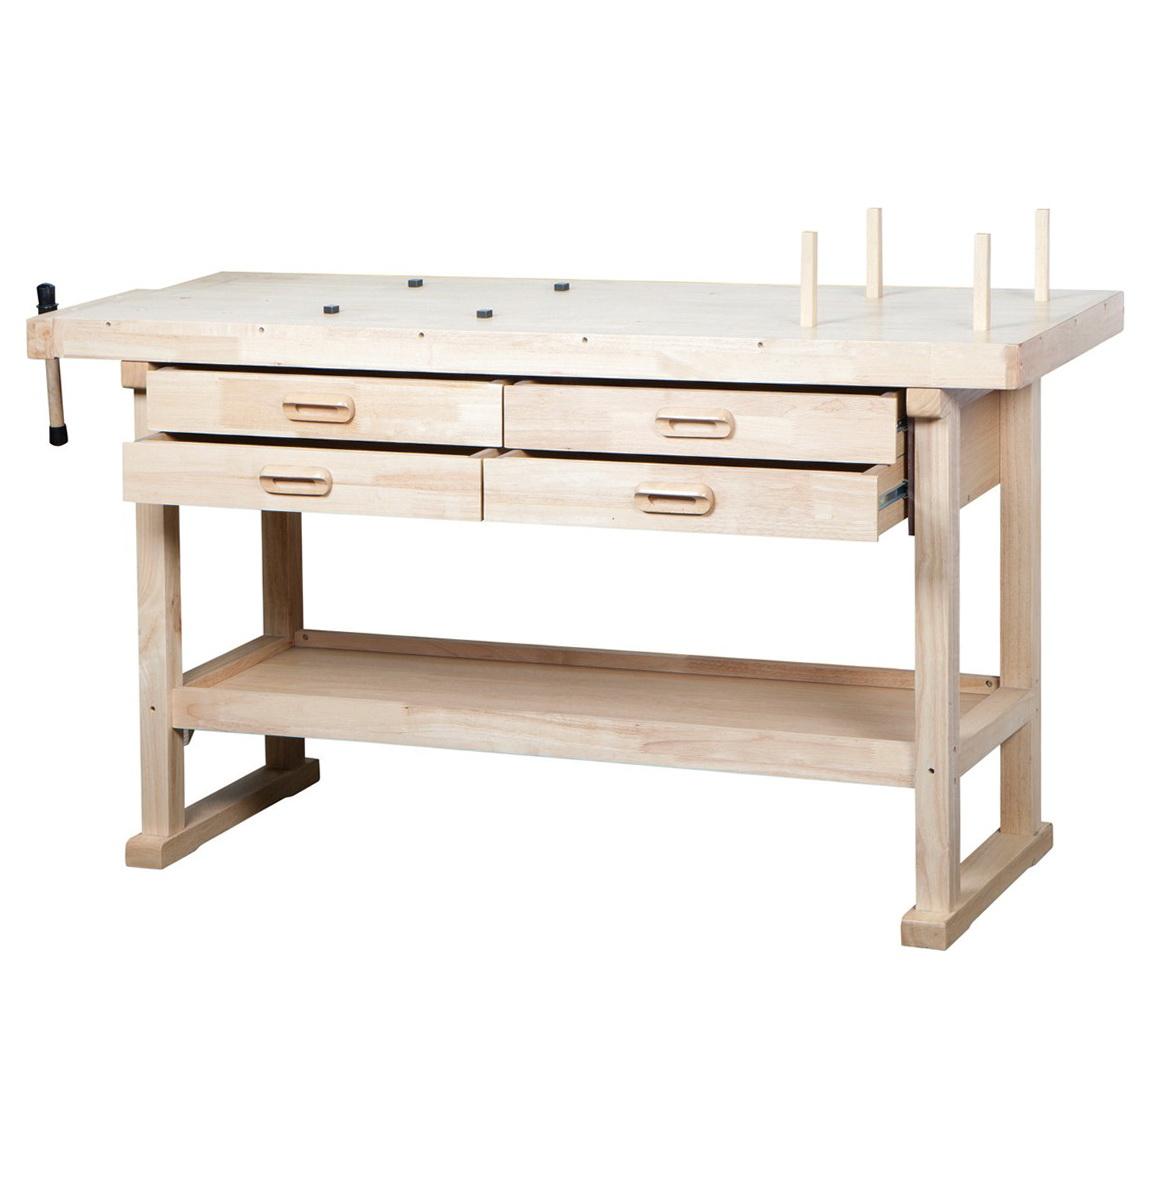 Wooden Work Bench Diy